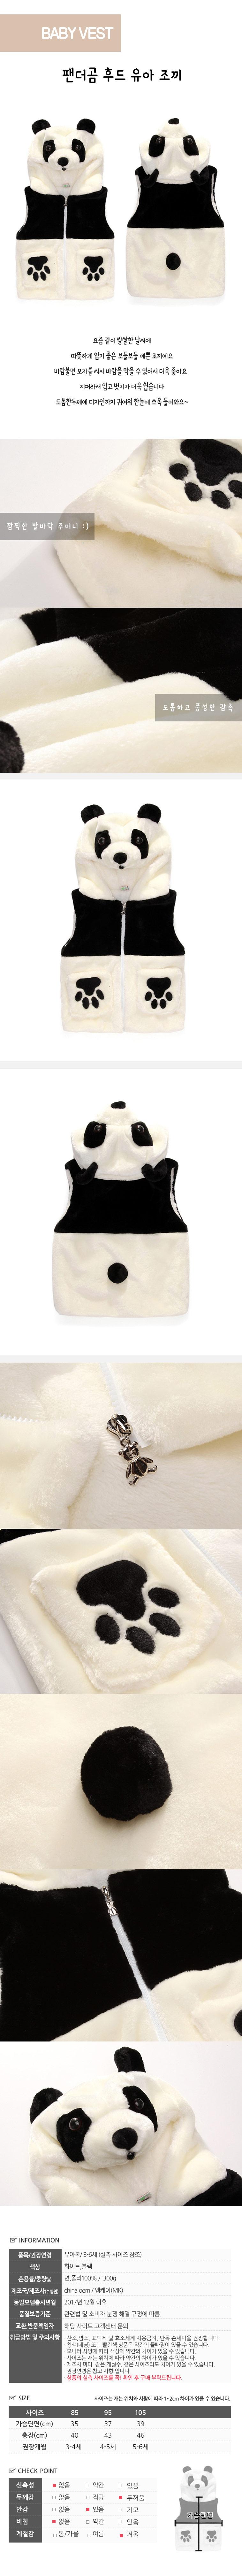 팬더곰 발바닥 후드 유아조끼(3-6세) 300170 - 조이멀티, 24,500원, 이너웨어/홈웨어, 수면조끼/슬립색